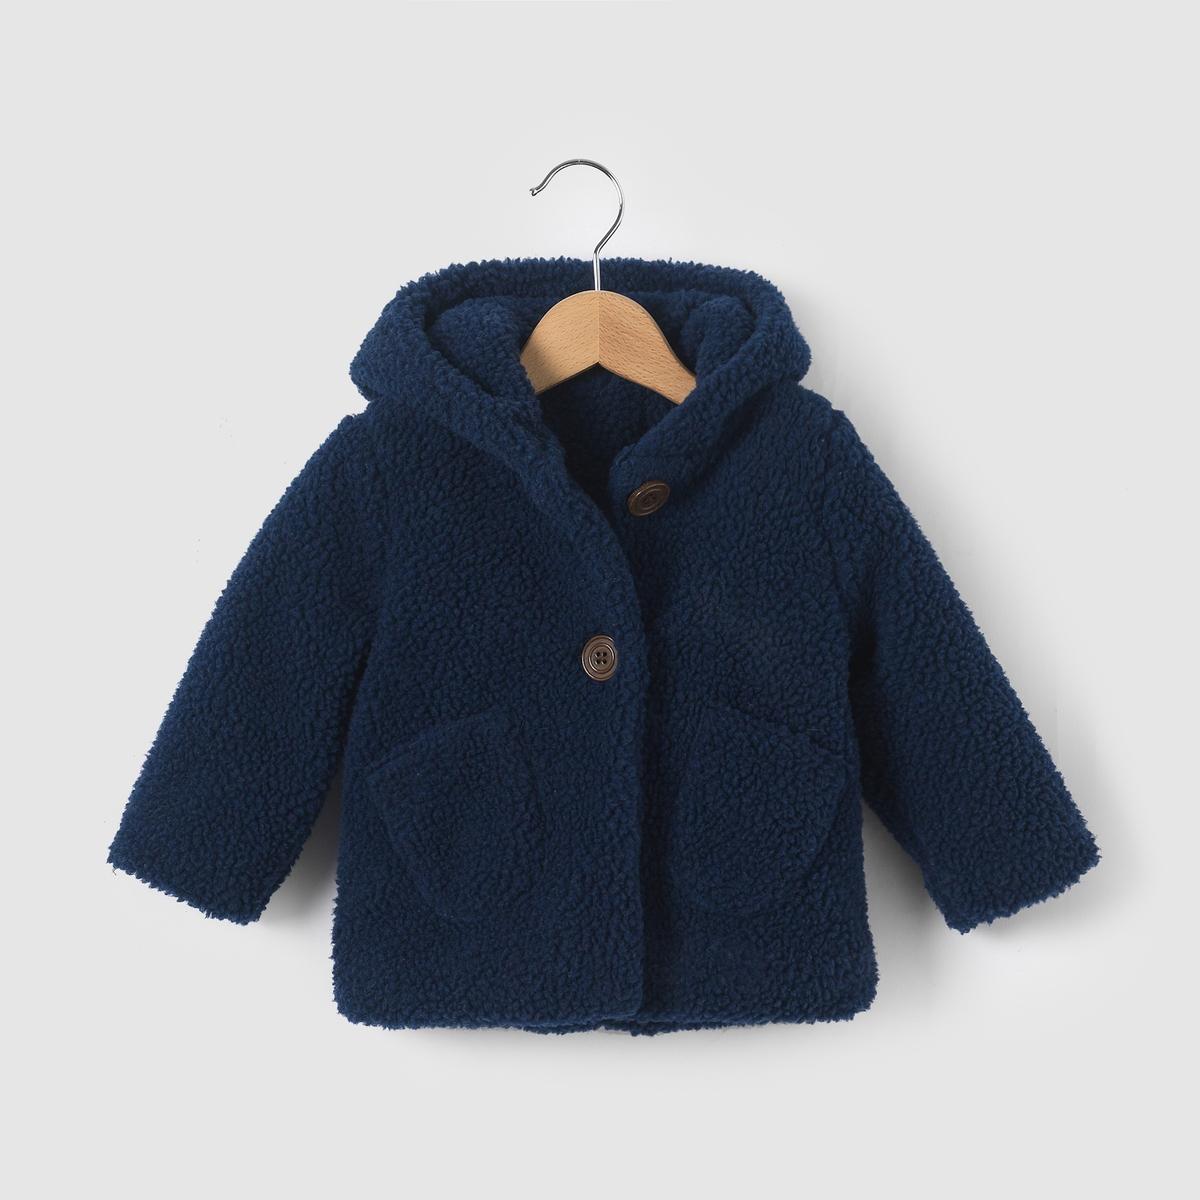 Пальто из искусственного меха на 1 мес.-3 года